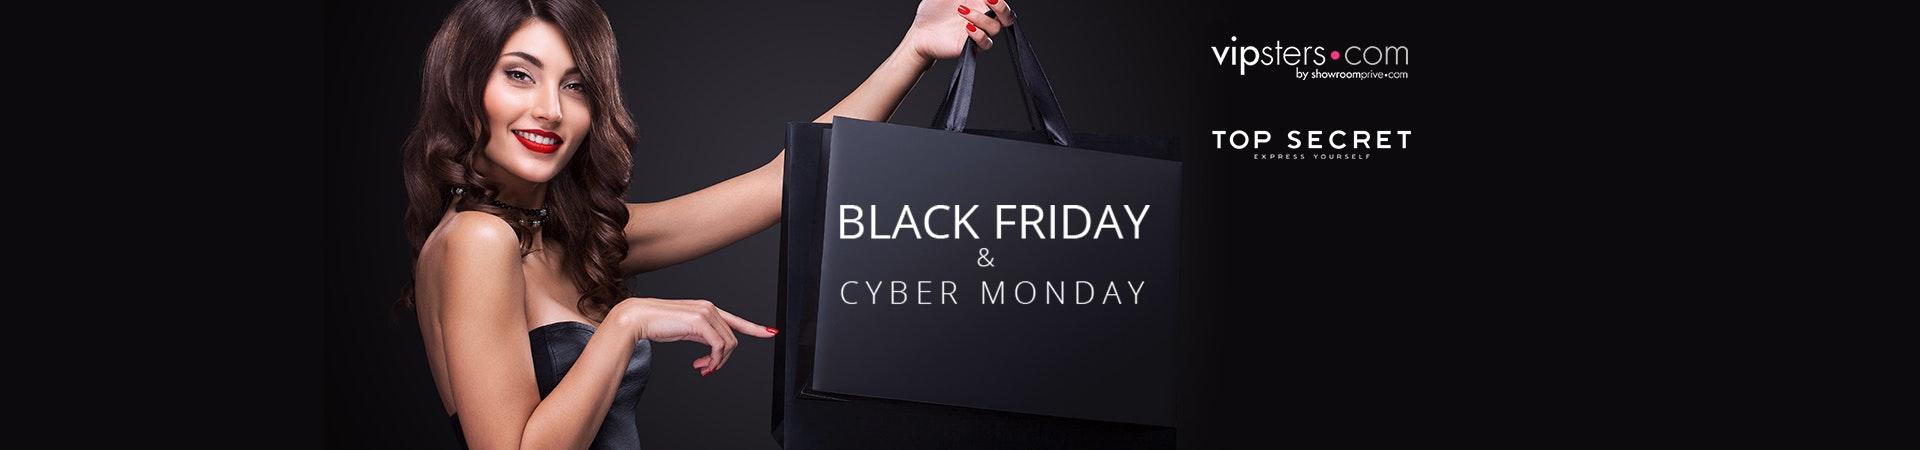 Black Friday i Cyber Monday - najlepsze promocje i kody rabatowe